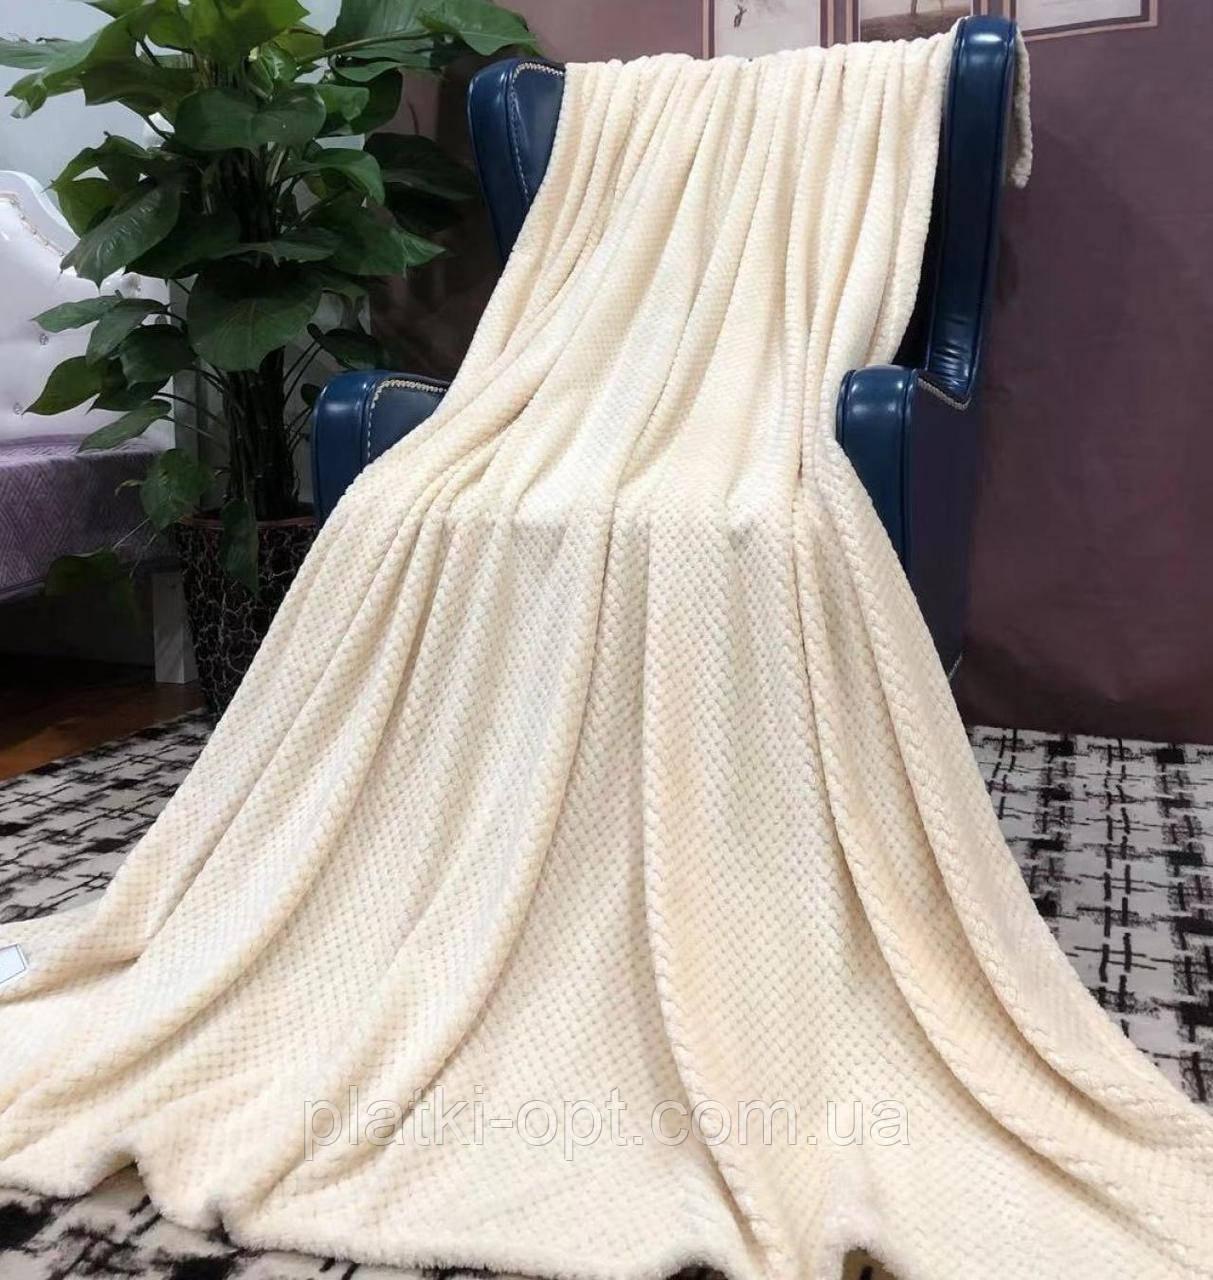 Покривало велюрове бамбук (кремовий) 200х230 см